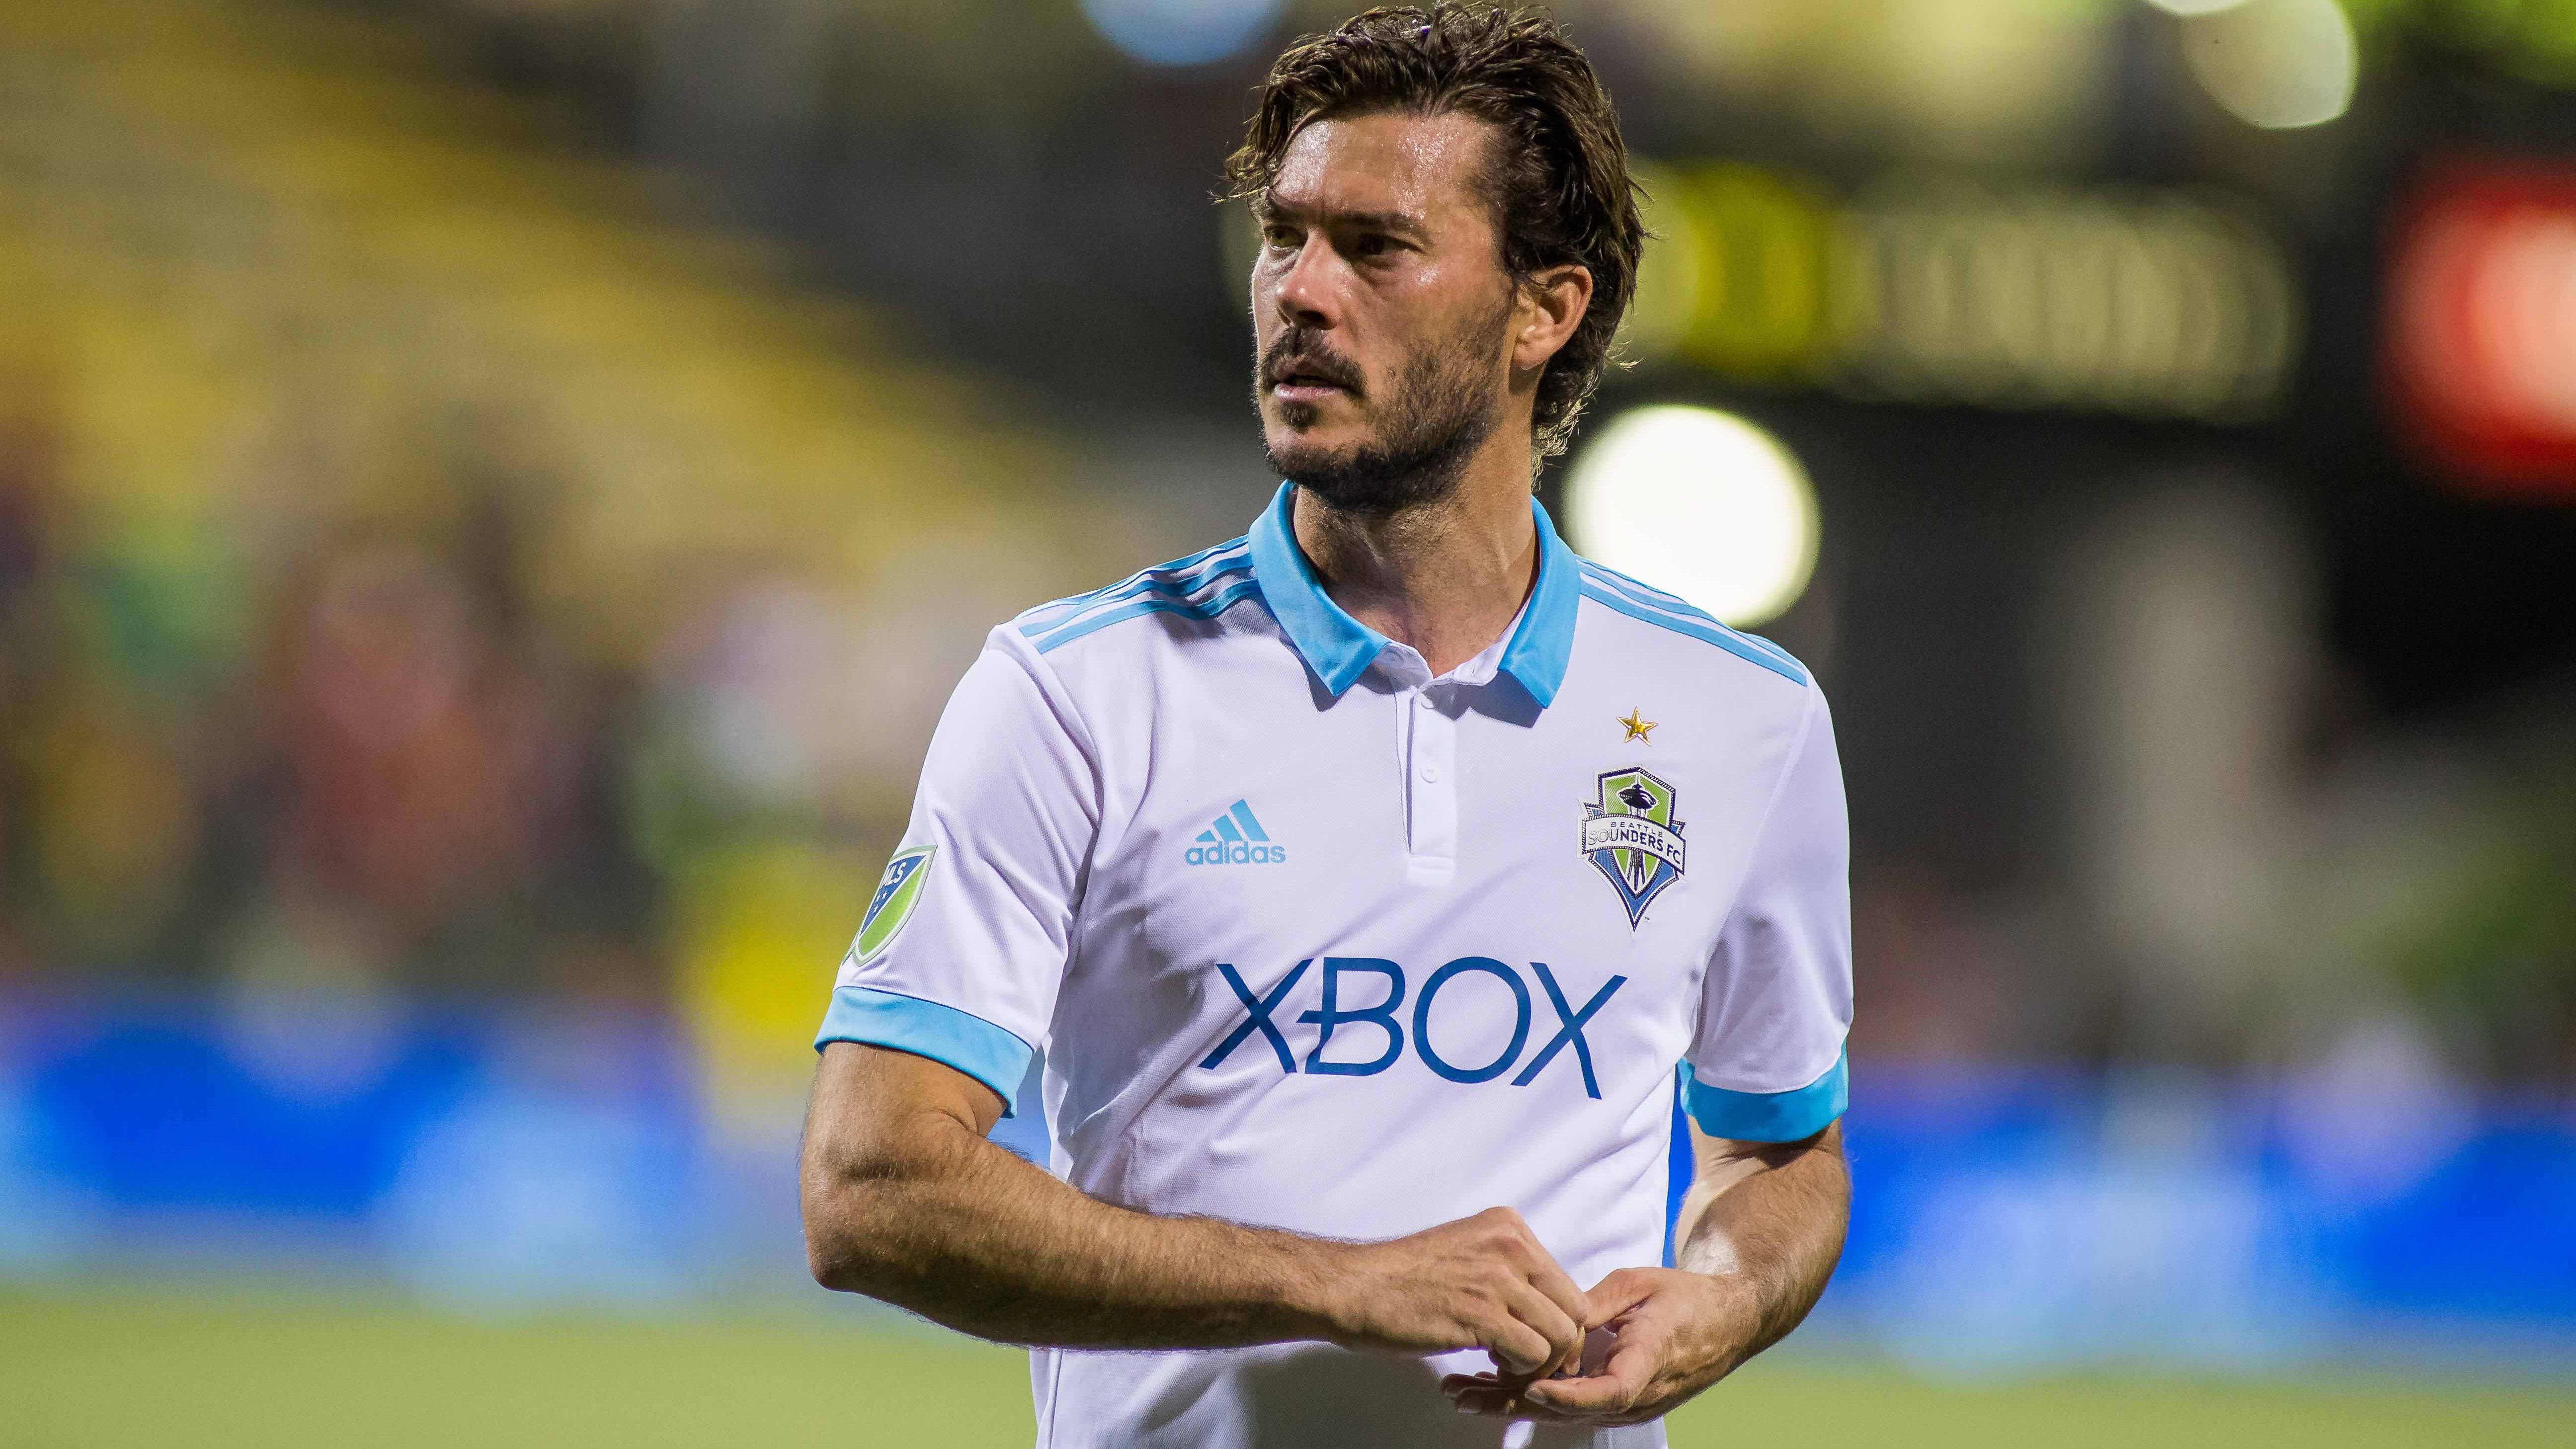 Sporting KC signs veteran defender/midfielderBrad Evans